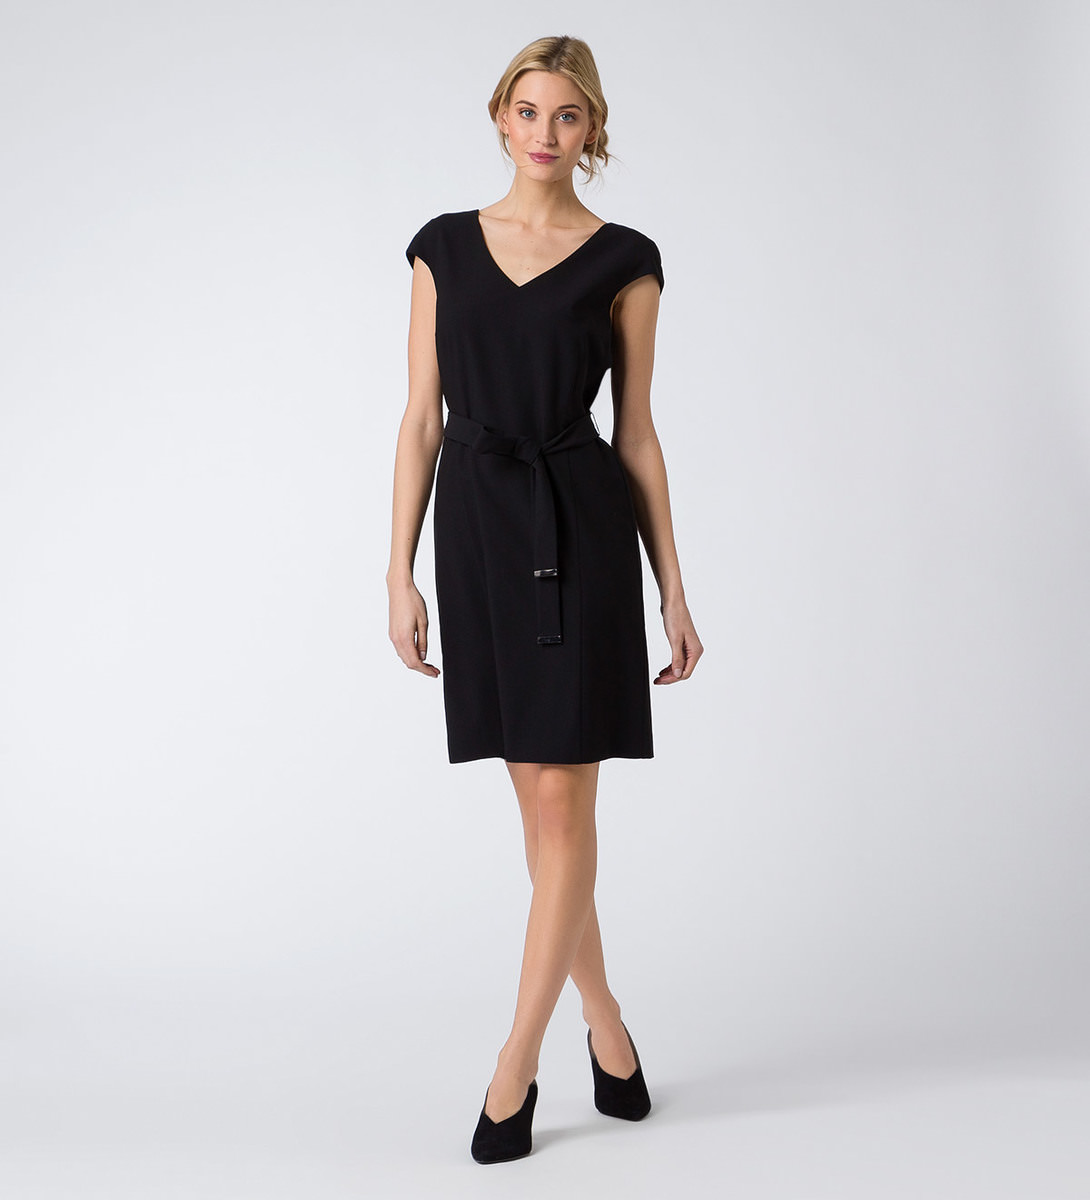 Kleid mit Bindeband in black